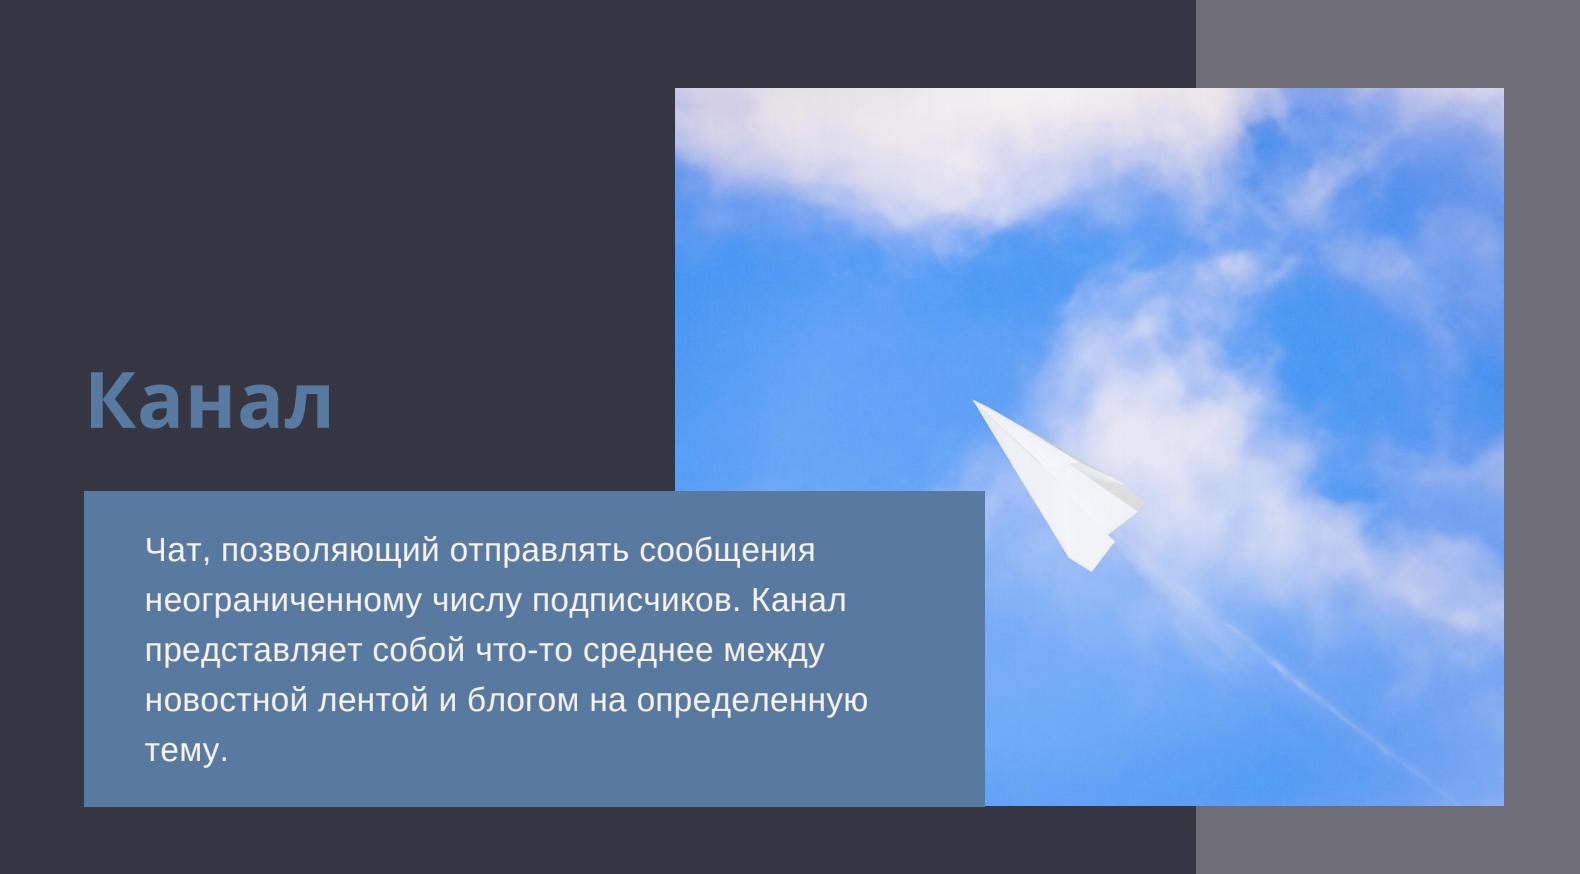 Канал – это чат, который позволяет отправлять сообщения неограниченному числу подписчиков